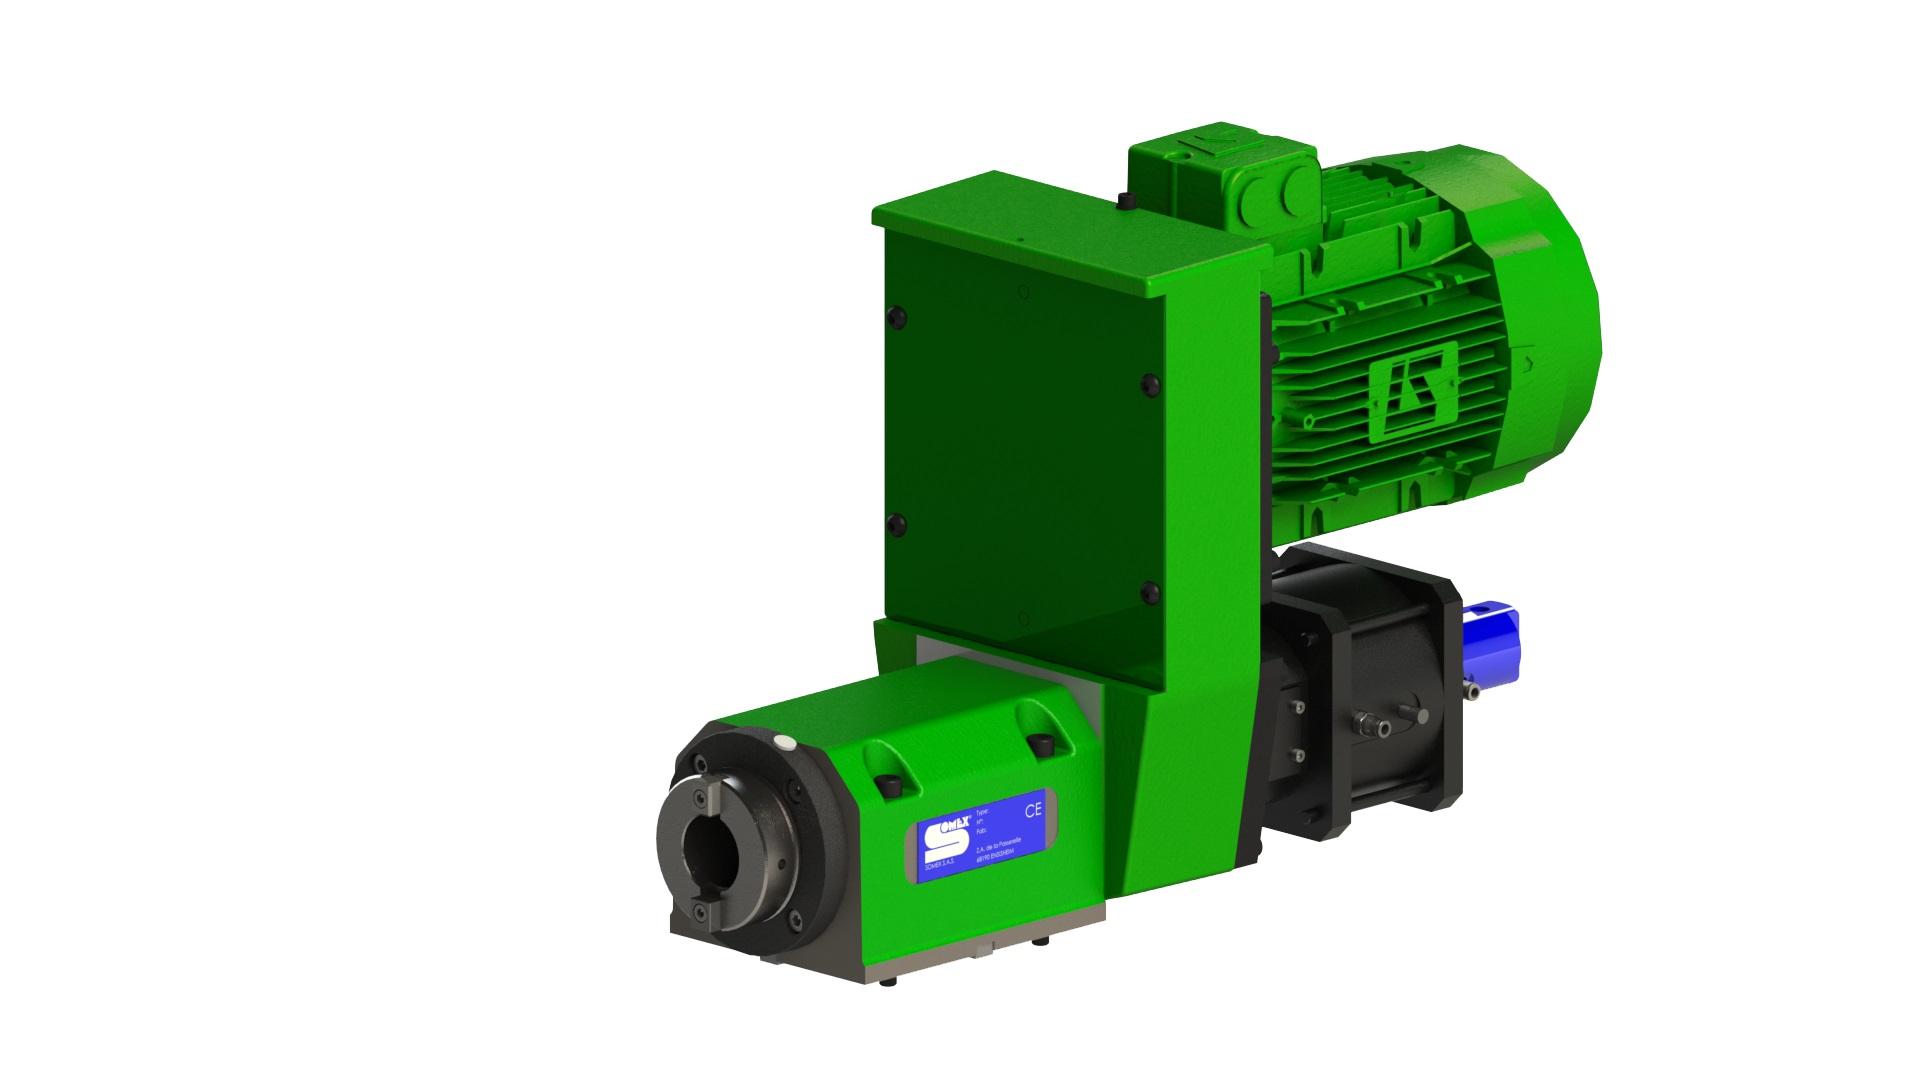 MAX40 CO - Broche d'usinage avec changeur d'outils automatique